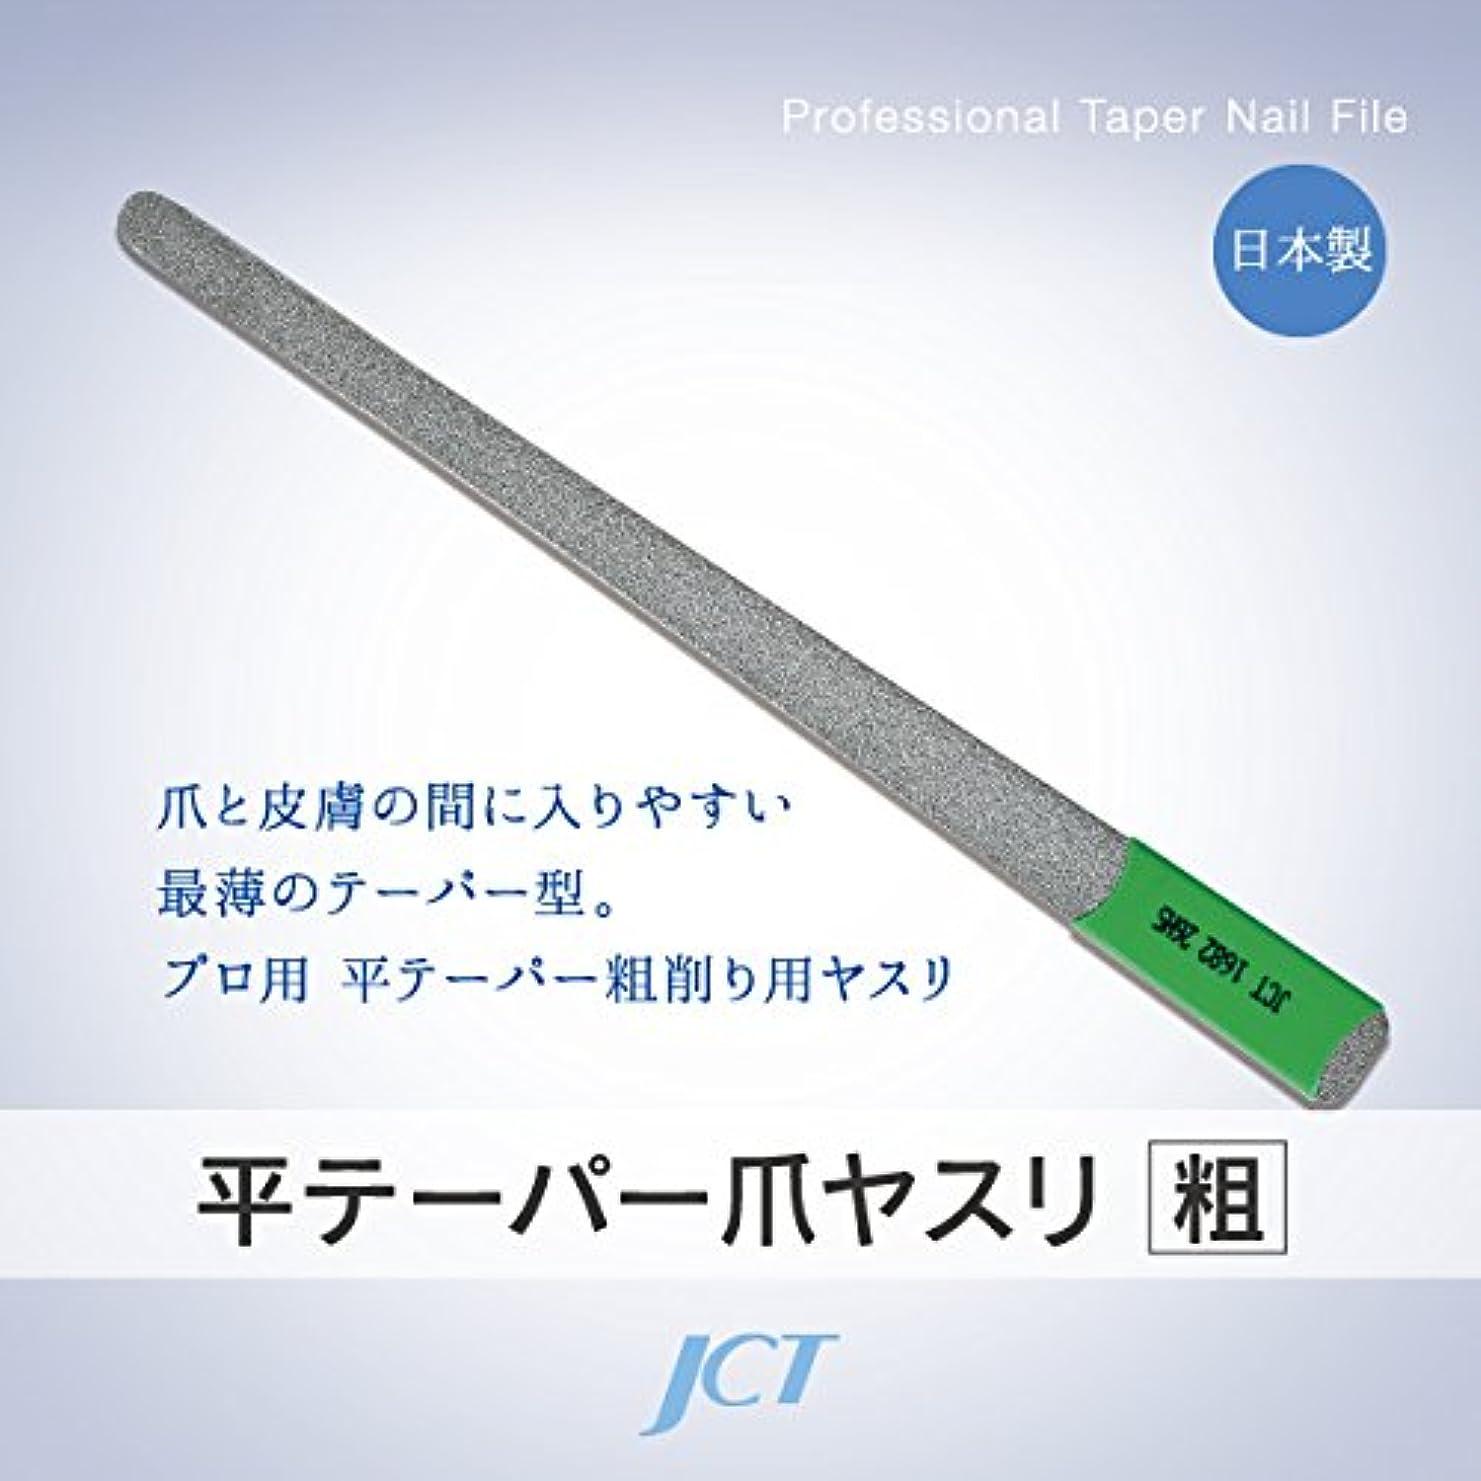 解説広がり謙虚なJCT メディカル フットケア ダイヤモンド平テーパー爪ヤスリ(粗) 滅菌可 日本製 1年間保証付